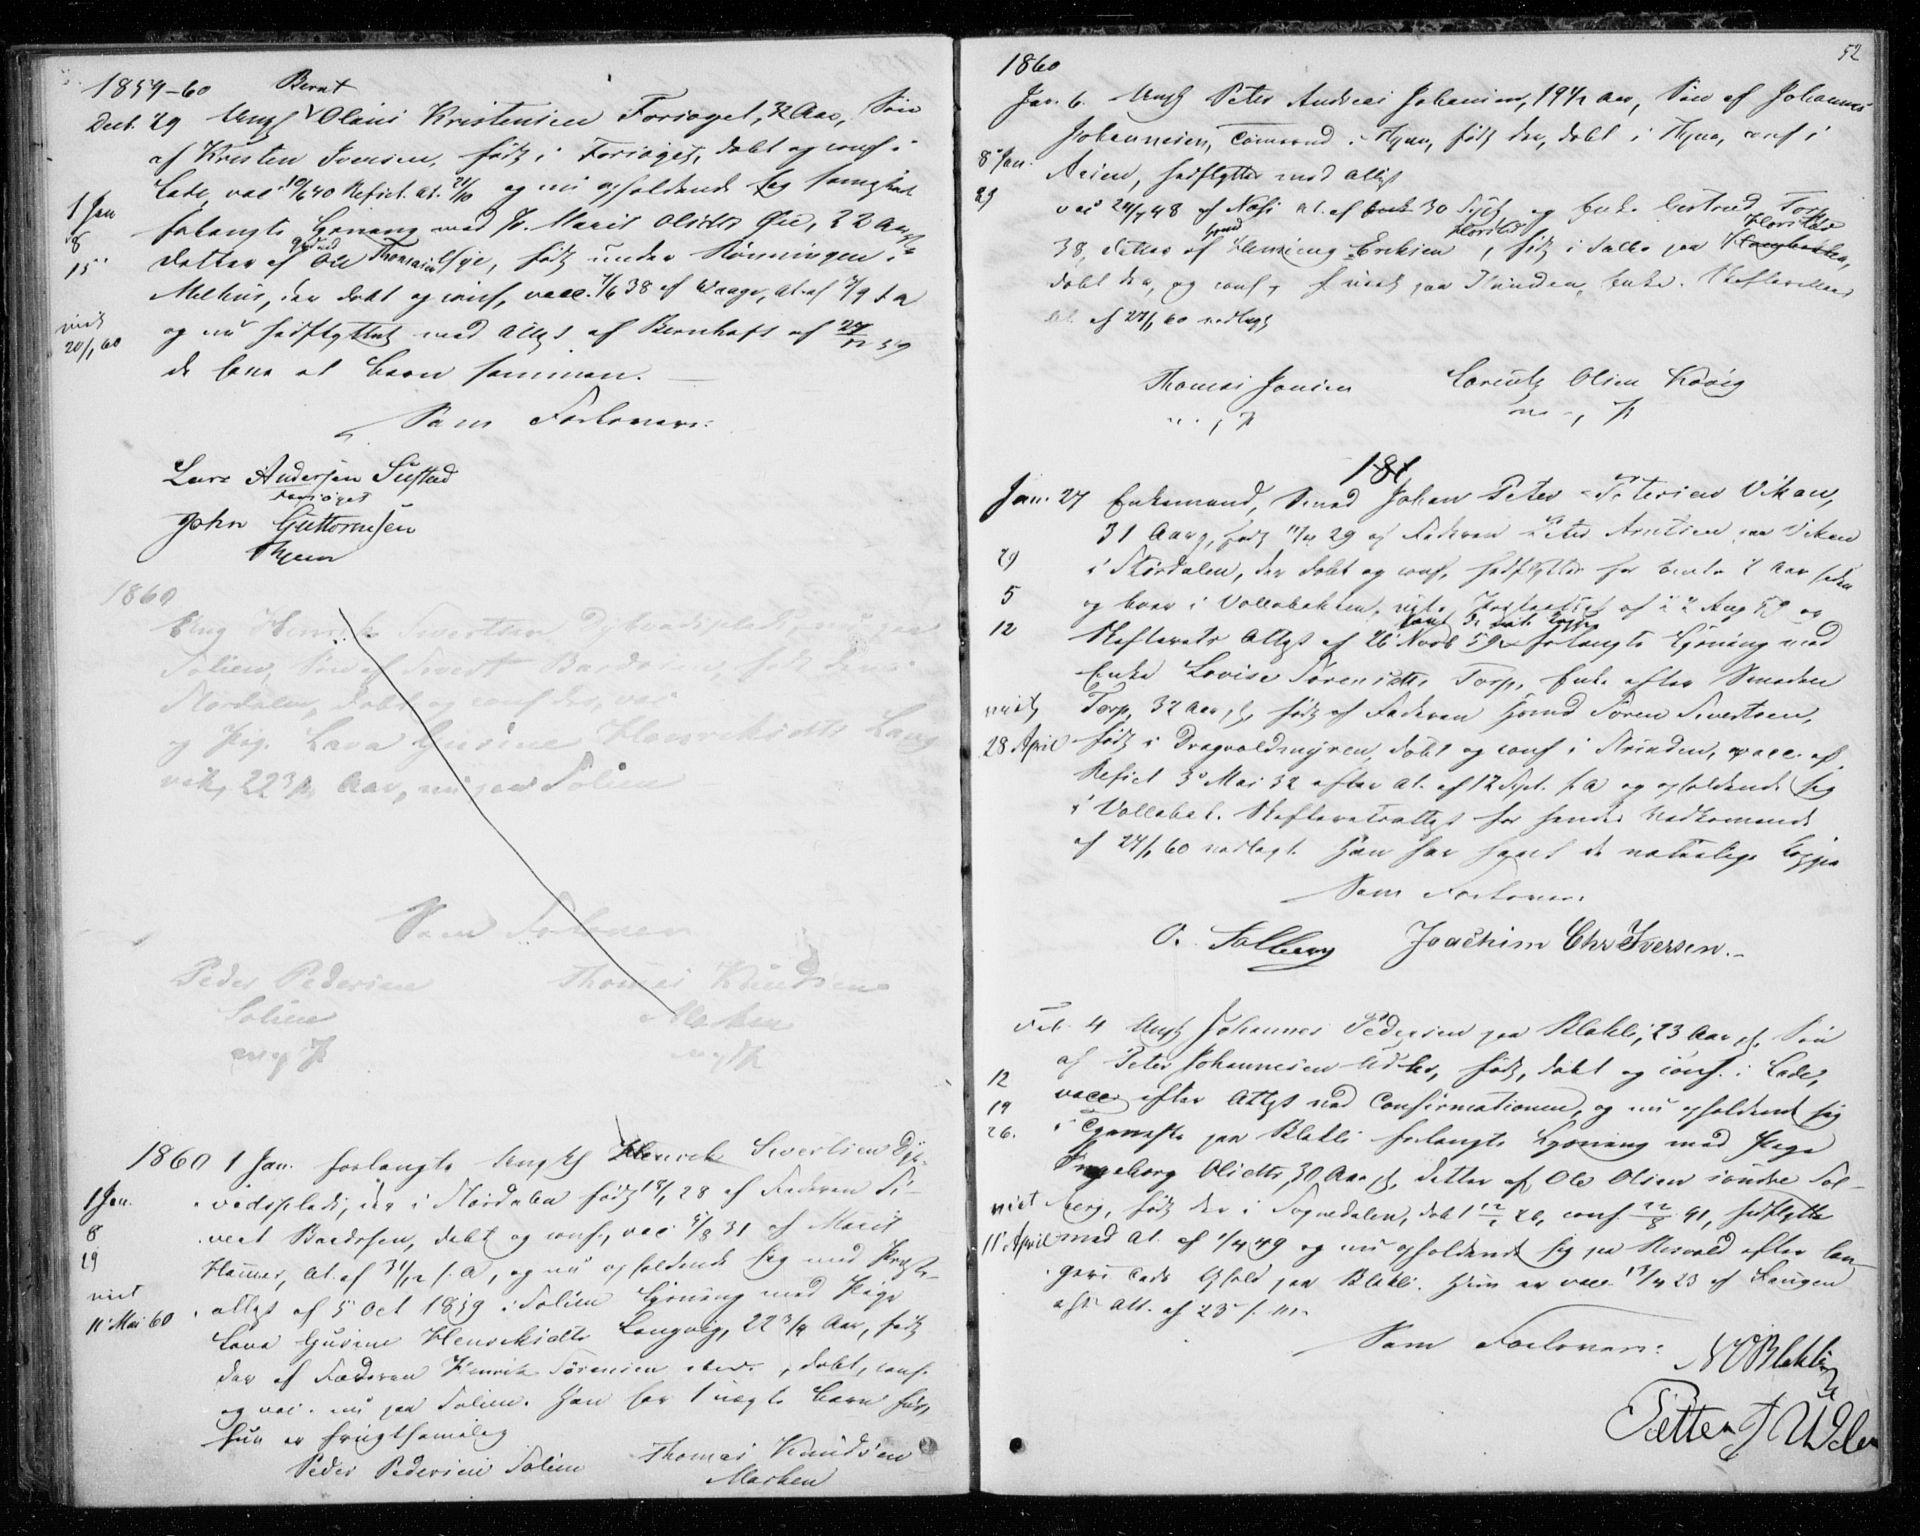 SAT, Ministerialprotokoller, klokkerbøker og fødselsregistre - Sør-Trøndelag, 606/L0297: Lysningsprotokoll nr. 606A12, 1854-1861, s. 52